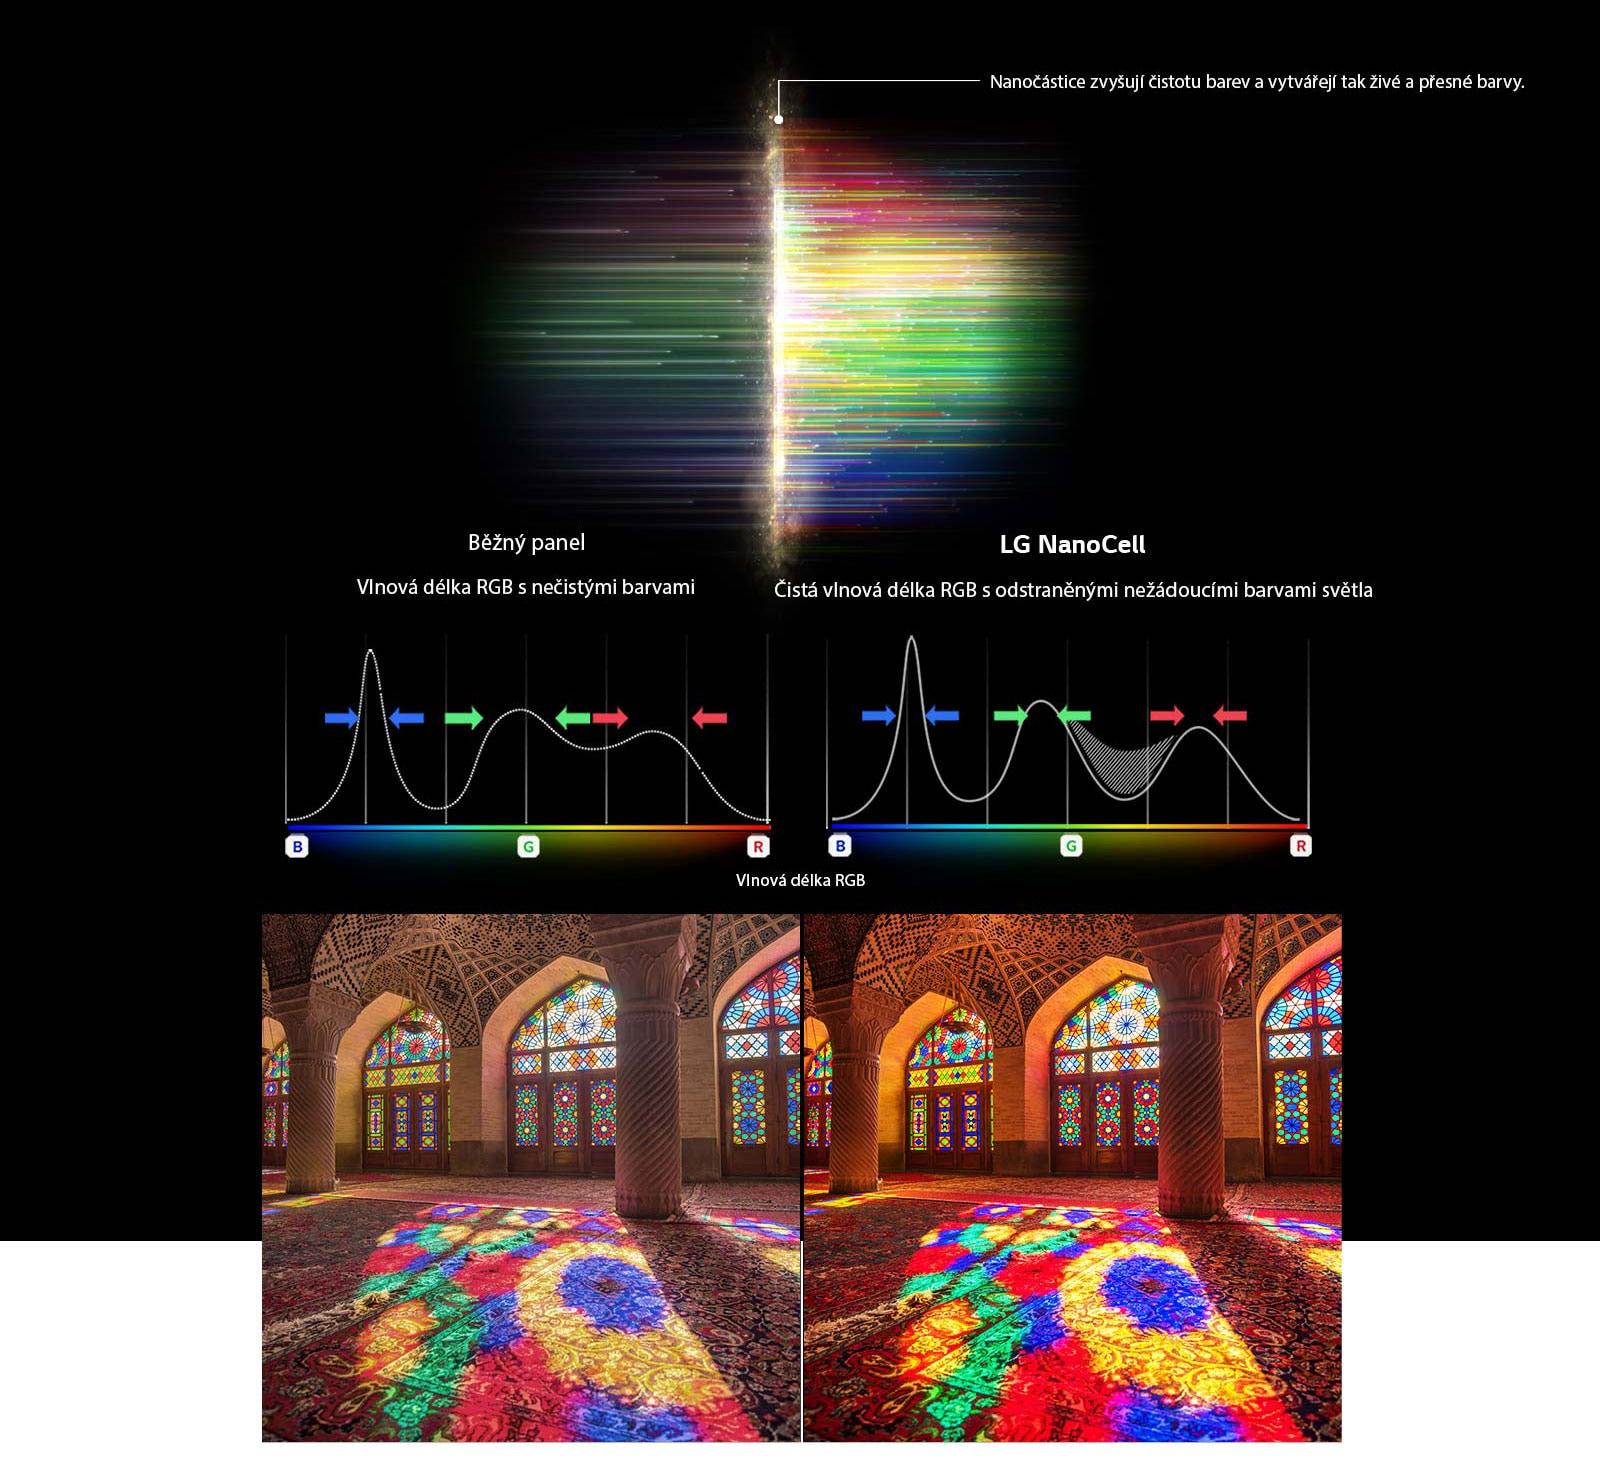 """""""Graf spektra RGB, který znázorňuje filtrování monotónních barev aobrázků Porovnání čistoty barev mezi běžným displejem atechnologií NanoCell"""""""